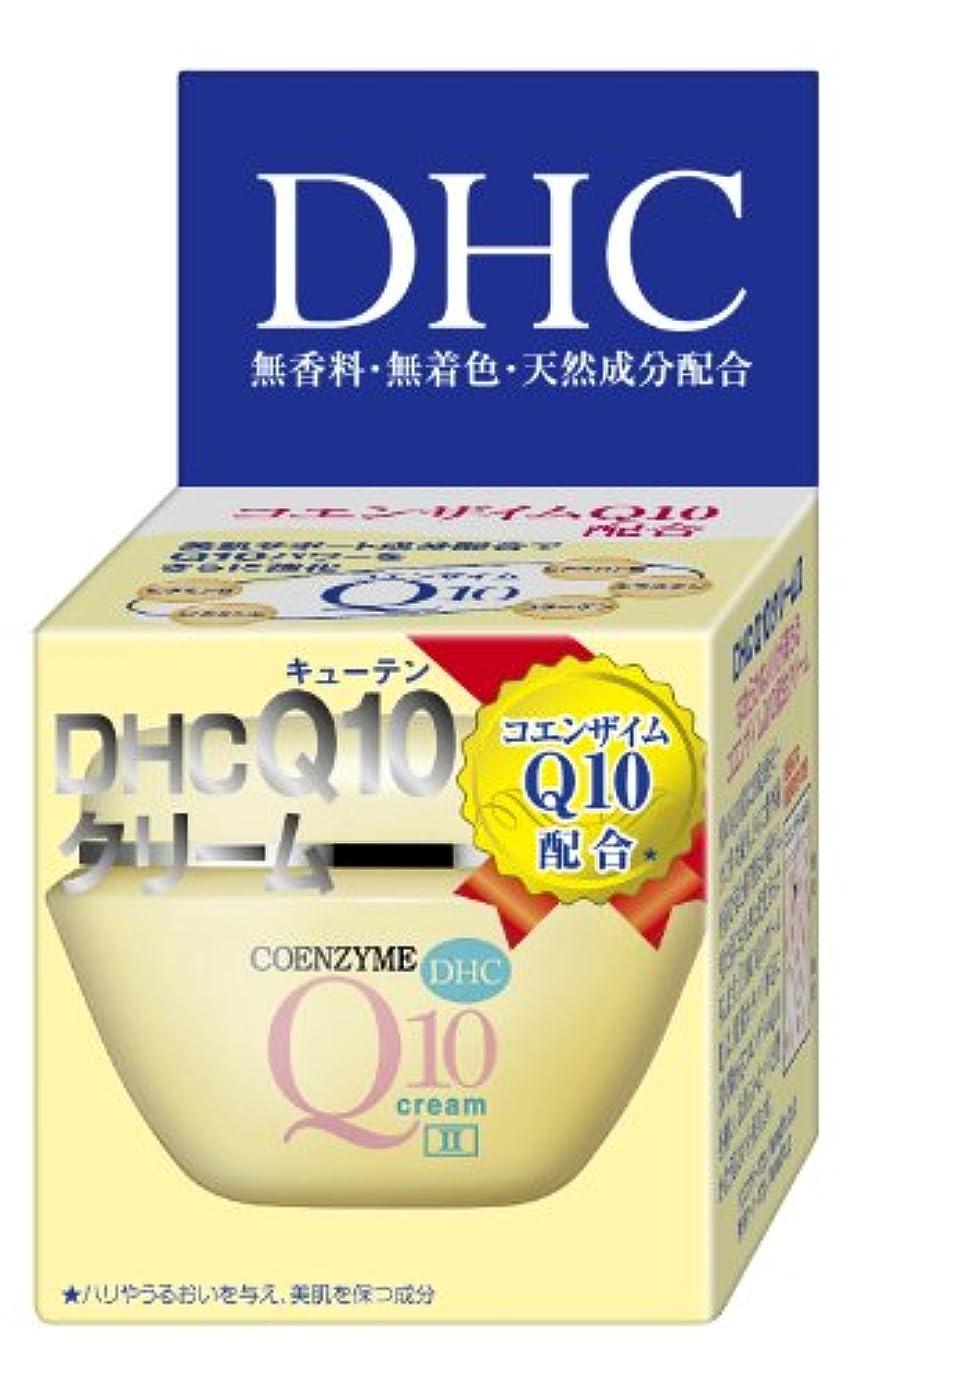 作ります放置ペダルDHC Q10クリームII (SS) 20g